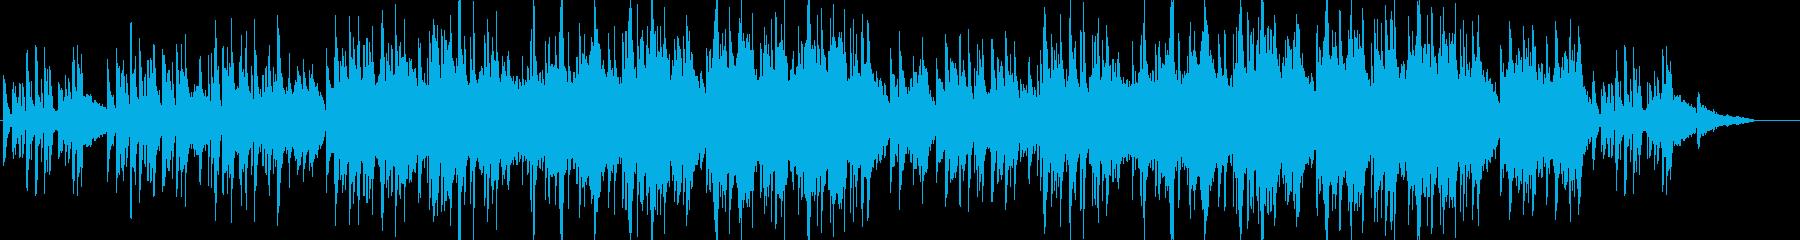 [ビートあり]ピアノと弦の感動を誘う曲の再生済みの波形